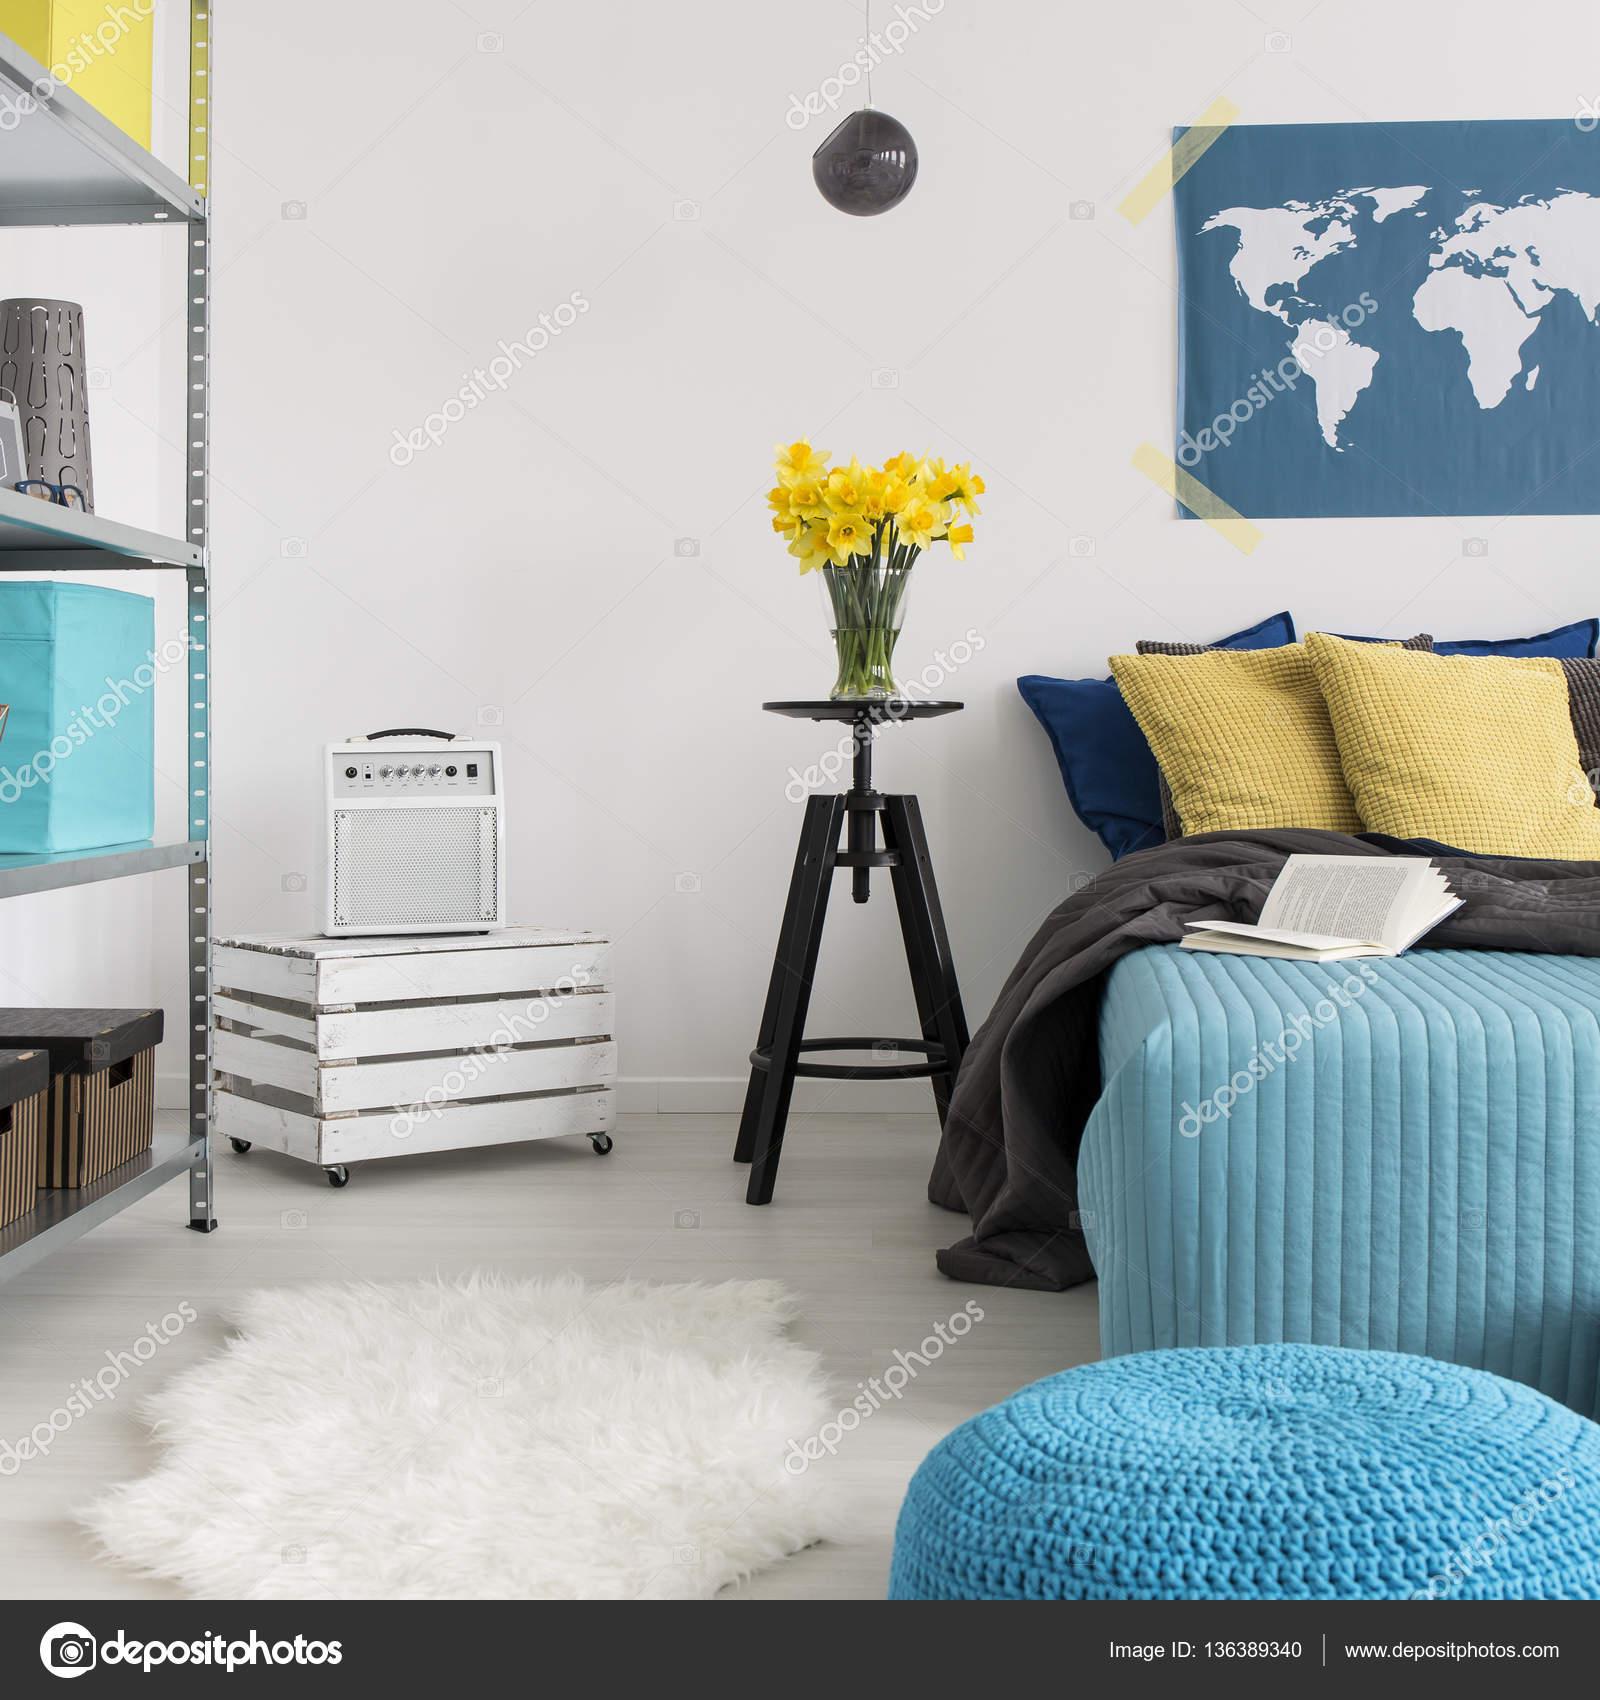 Sypialnia Z łóżkiem Poduszki Dekoracyjne Zdjęcie Stockowe